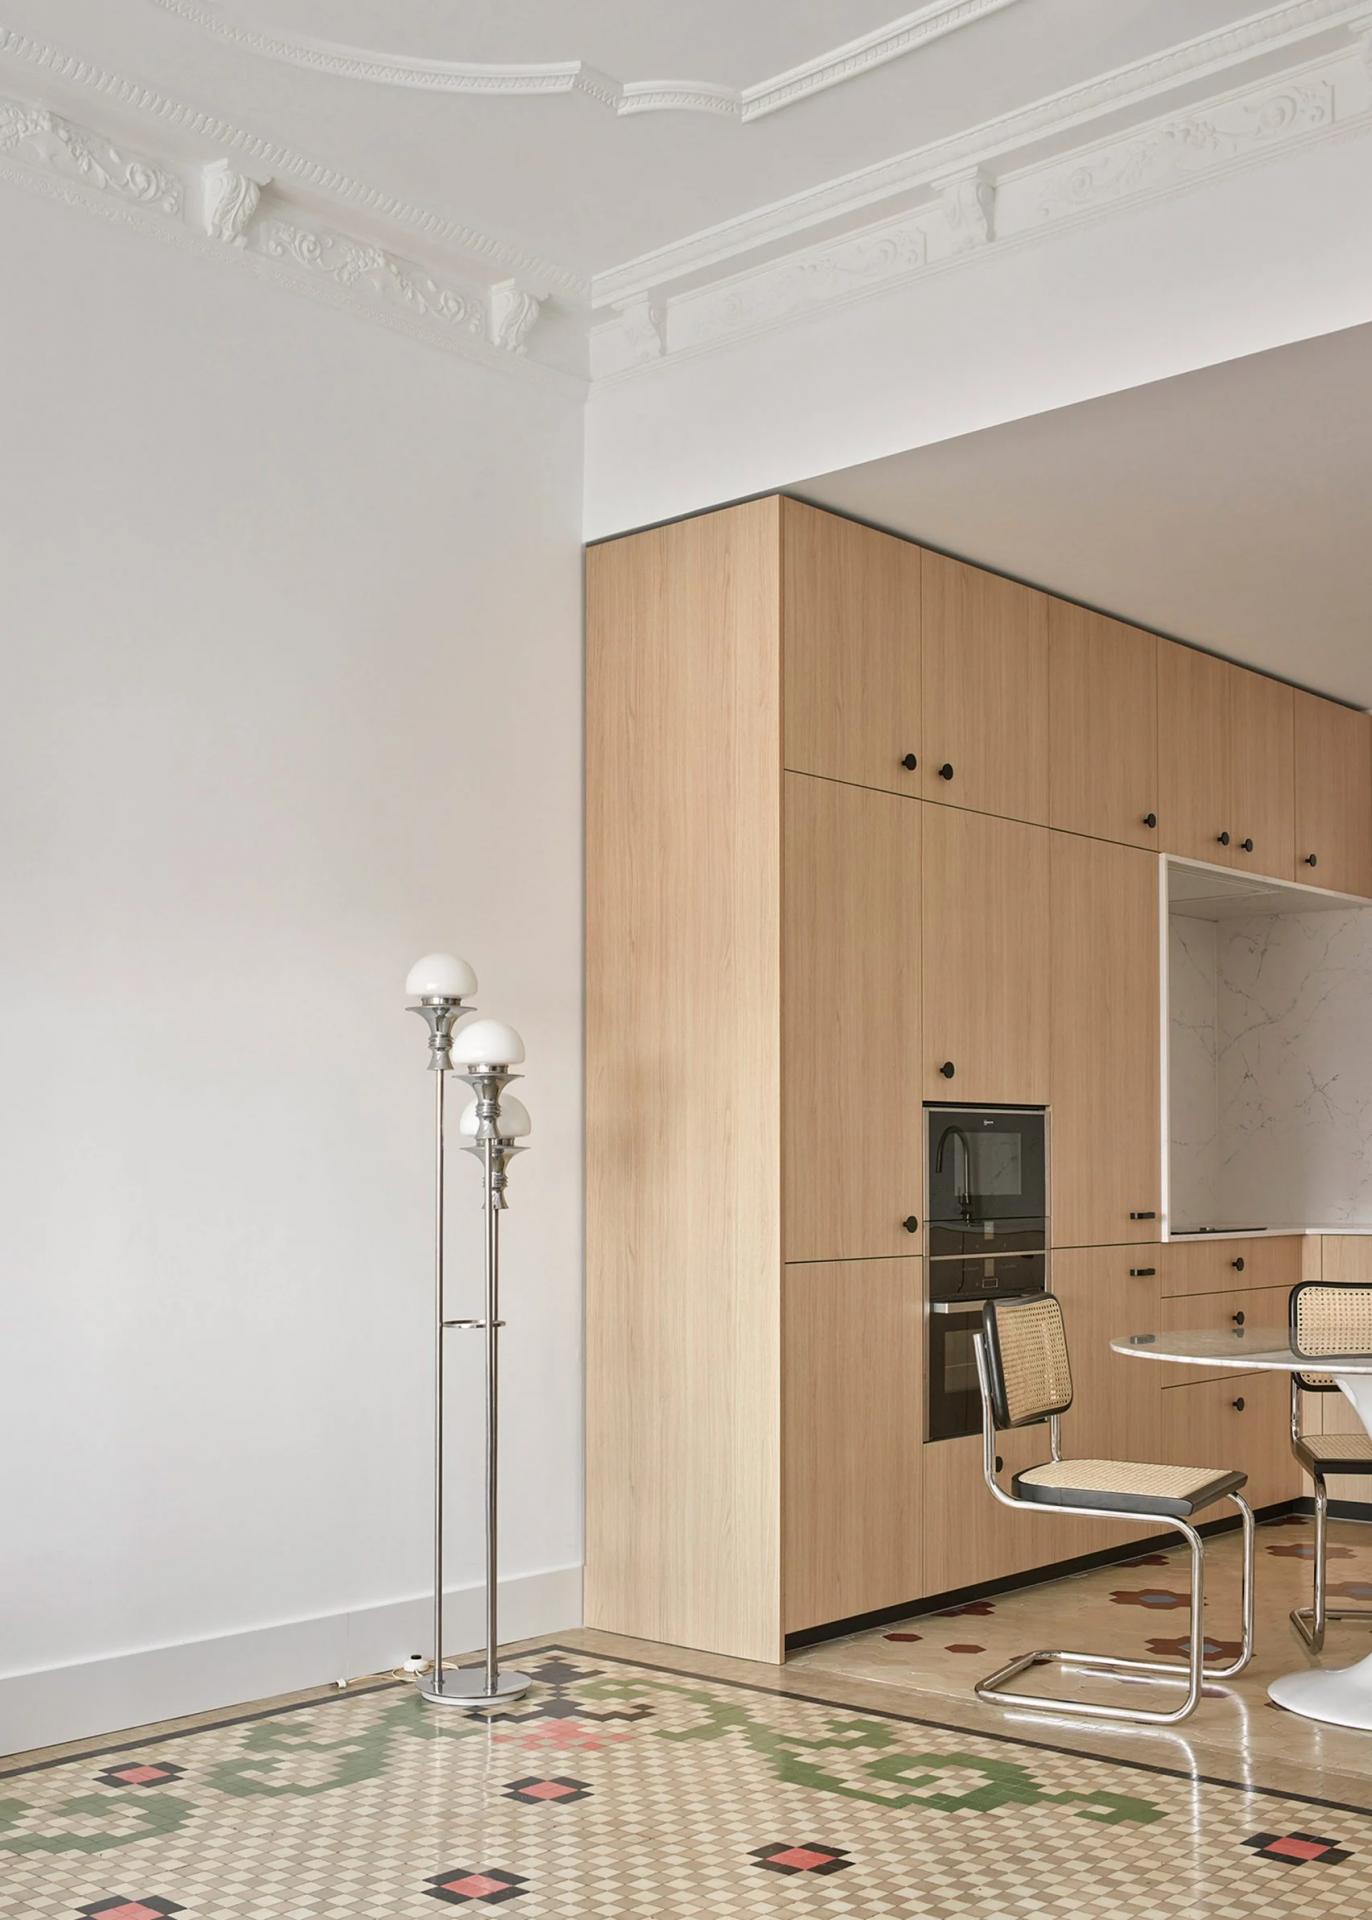 dg-arquitecto_designalive-6